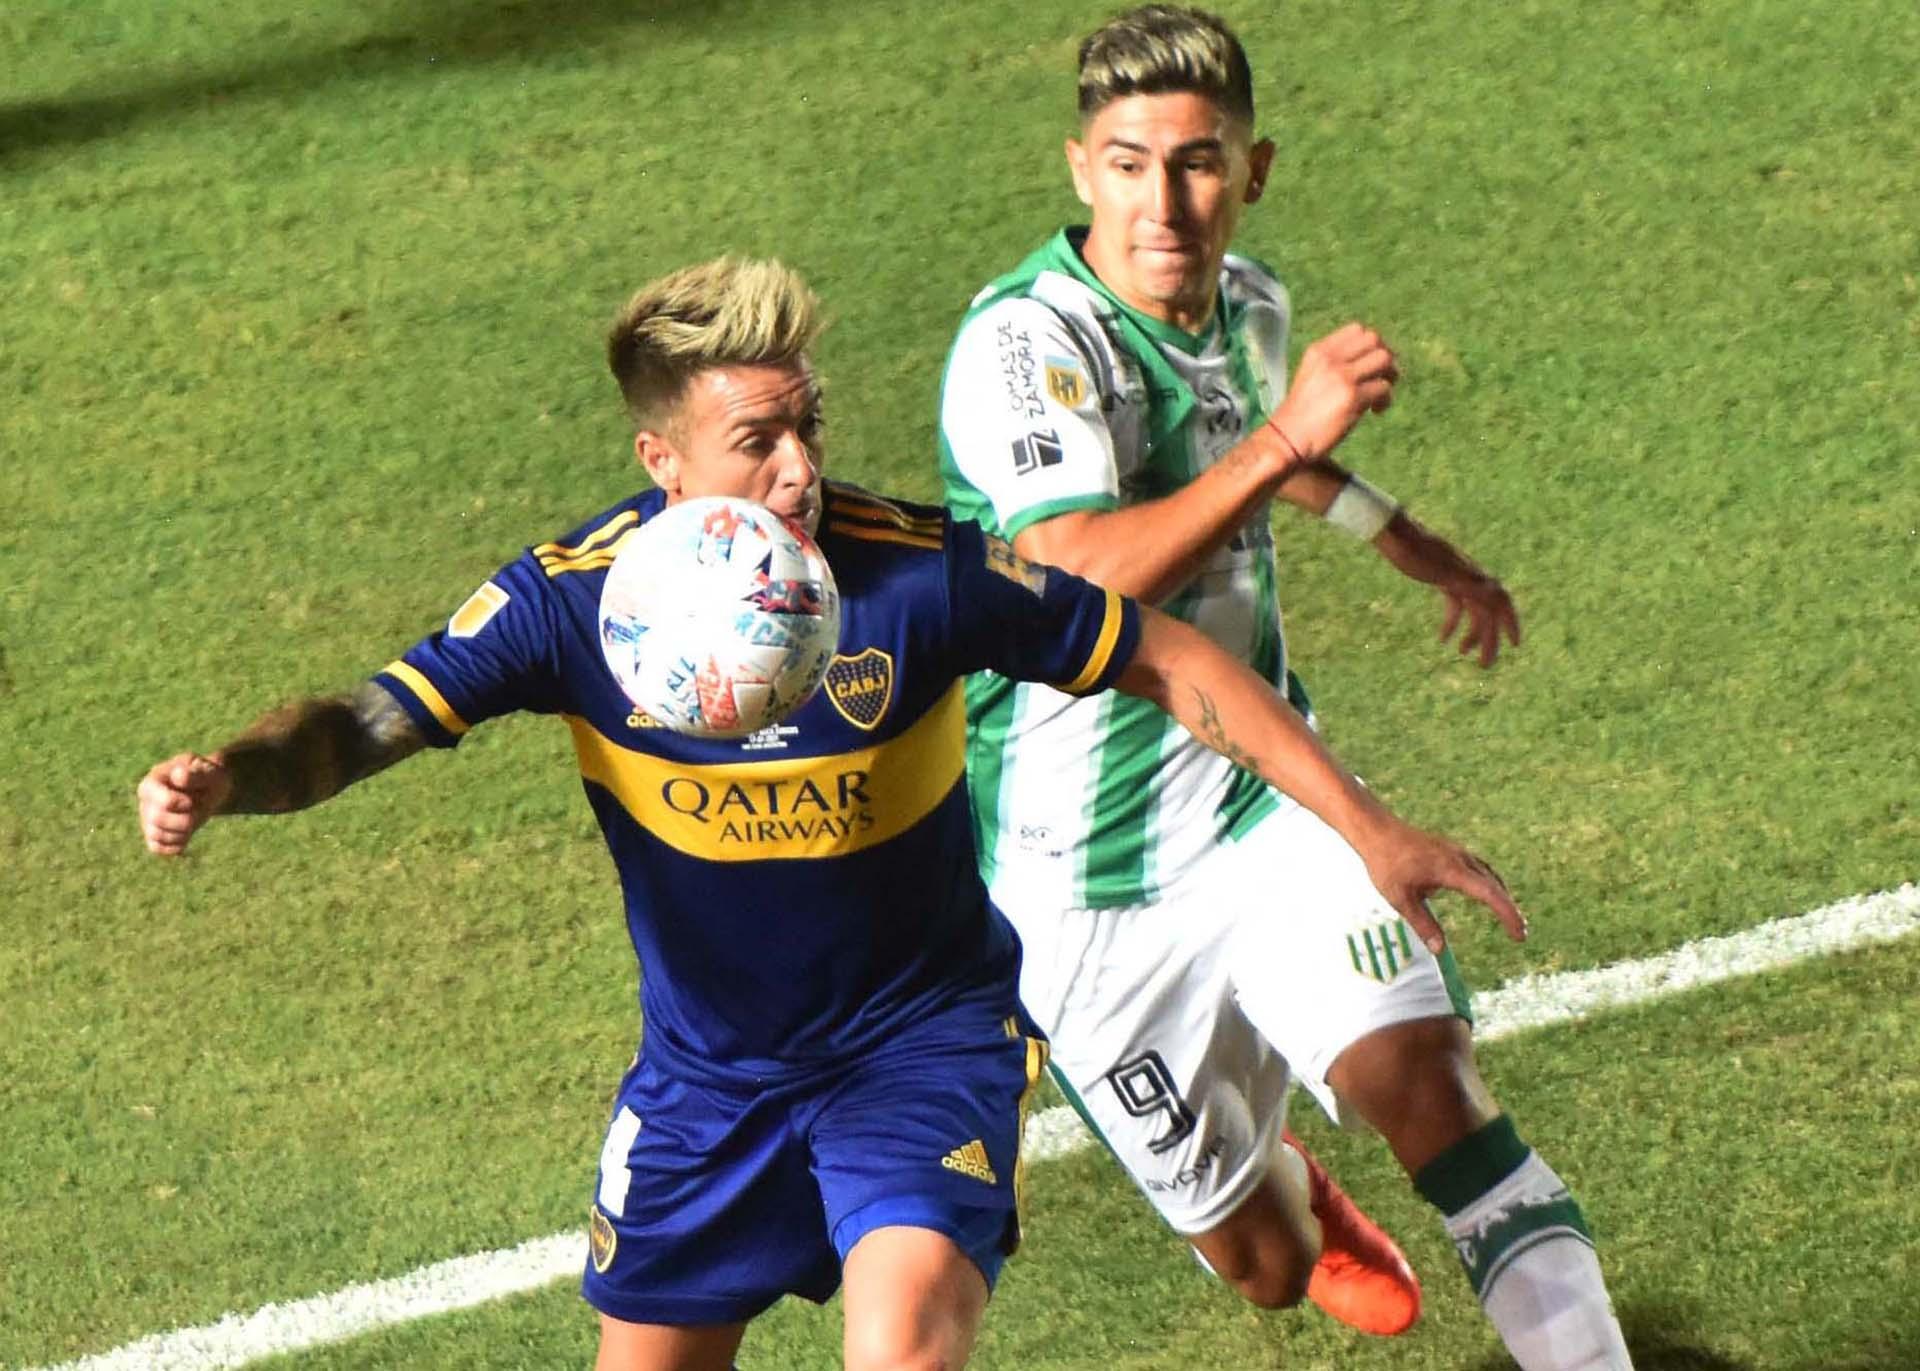 Otra disputa del balón, con el ex San Lorenzo y Ferro como protagonista